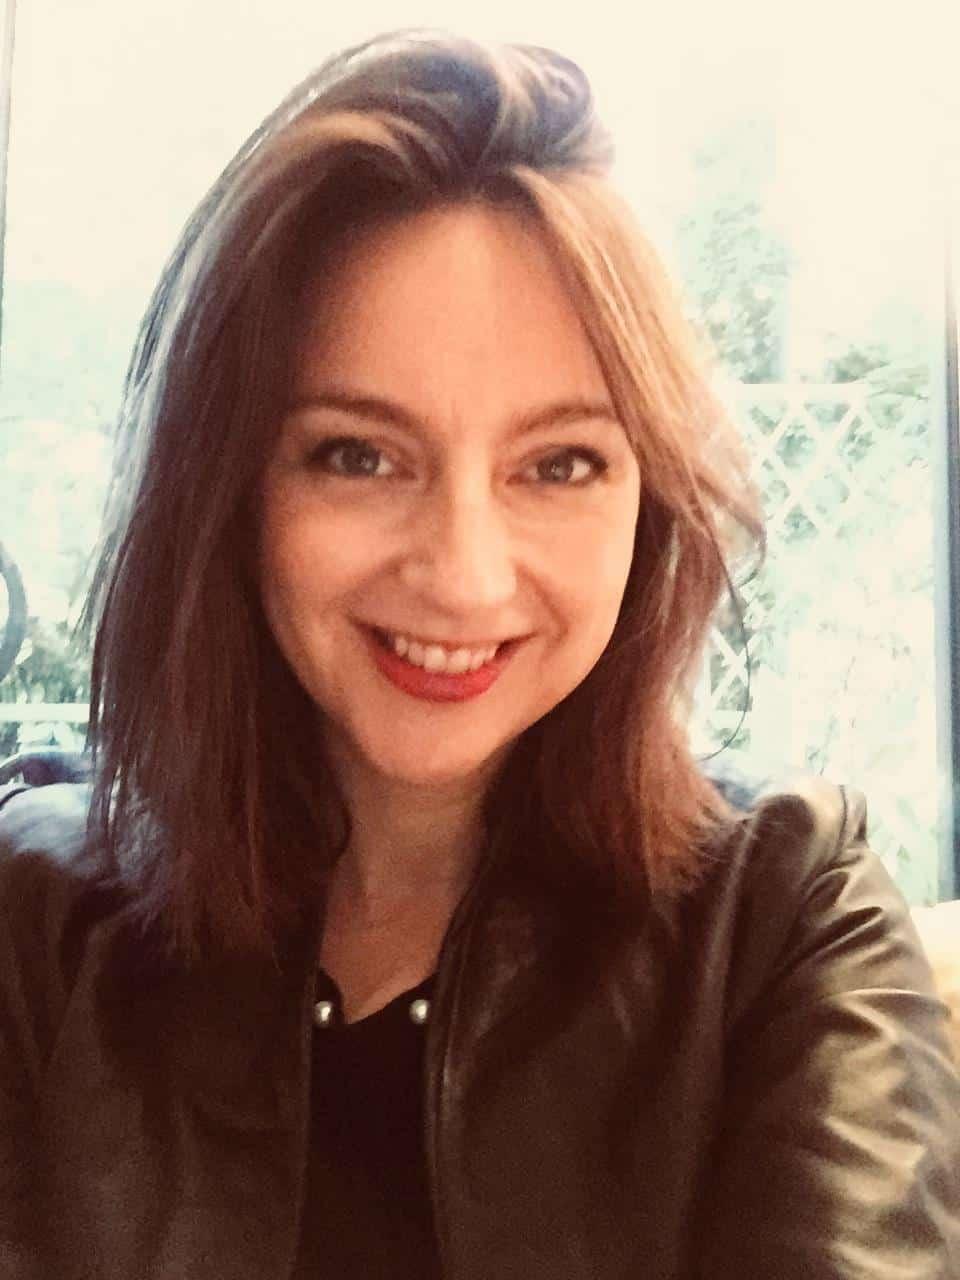 Sarah Nicholls, parent review